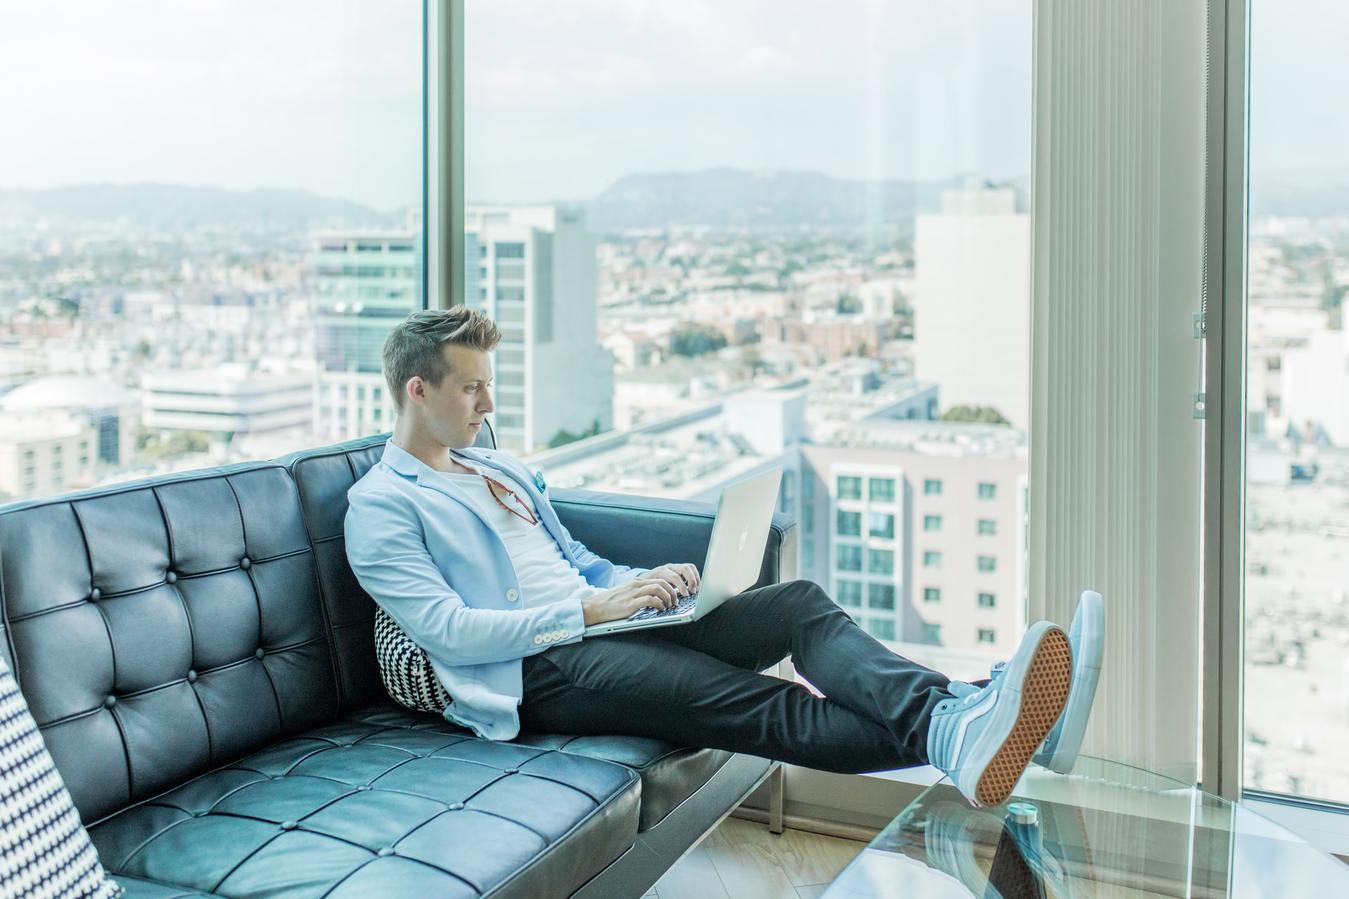 Uomo su un sofà che digita sul laptop in un edificio molto alto